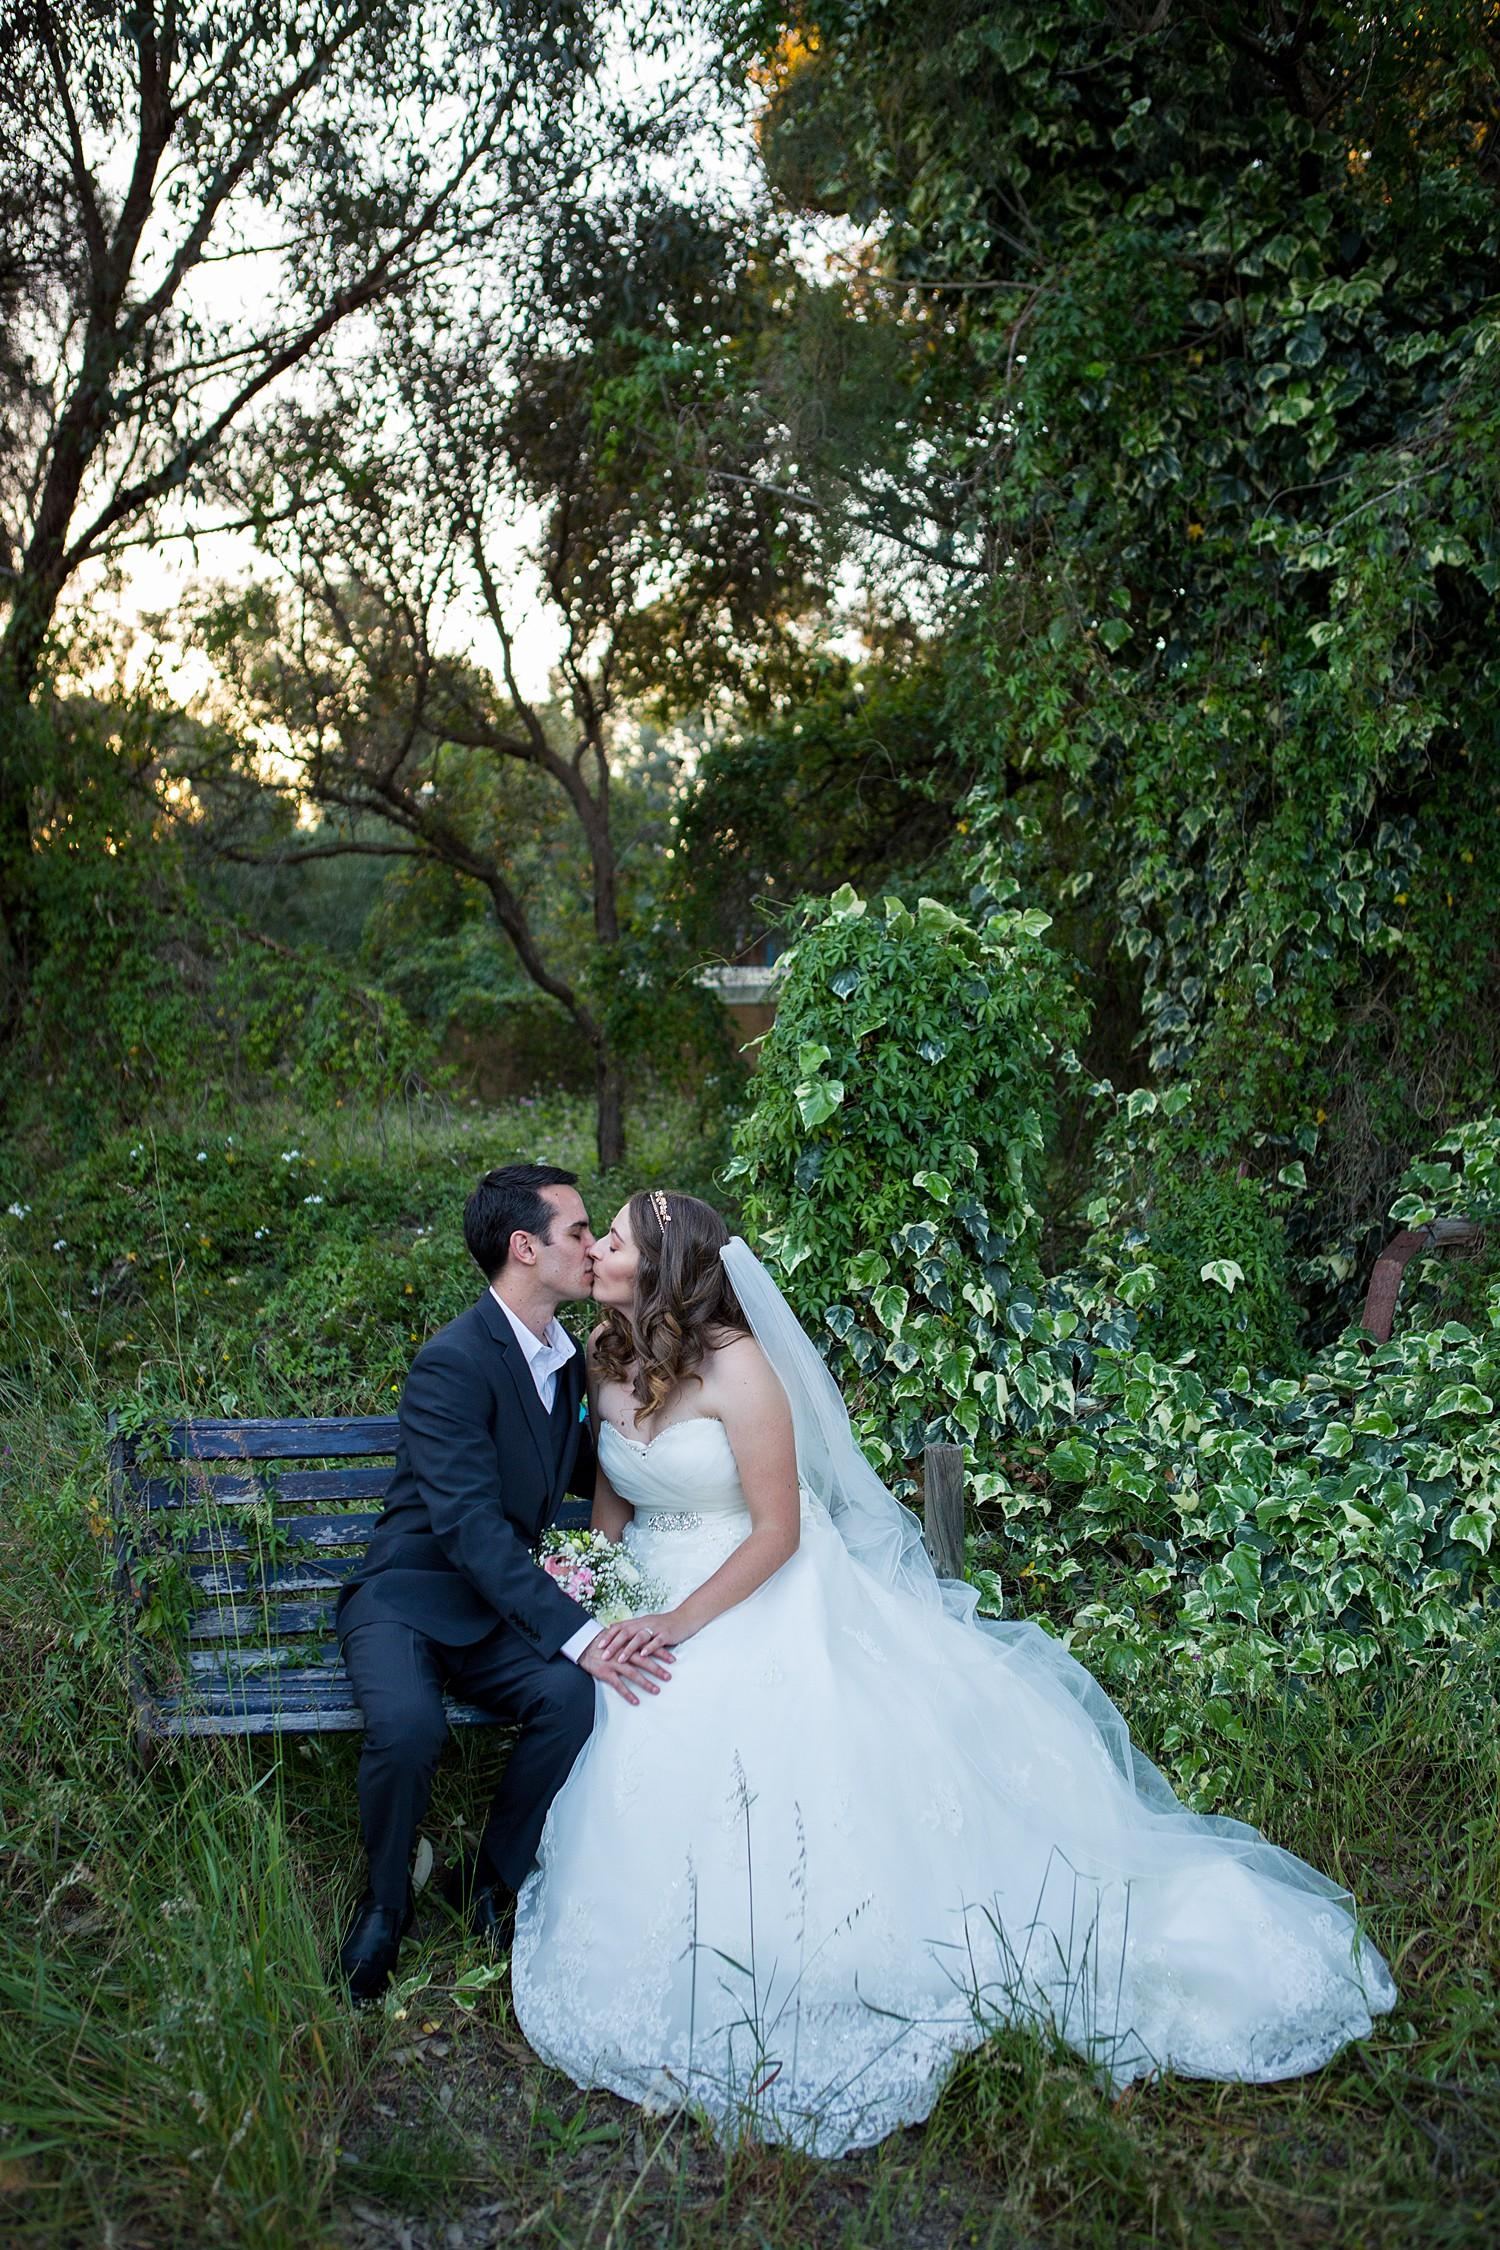 perth_wedding_spring_bridgeleigh_estate_0078.jpg